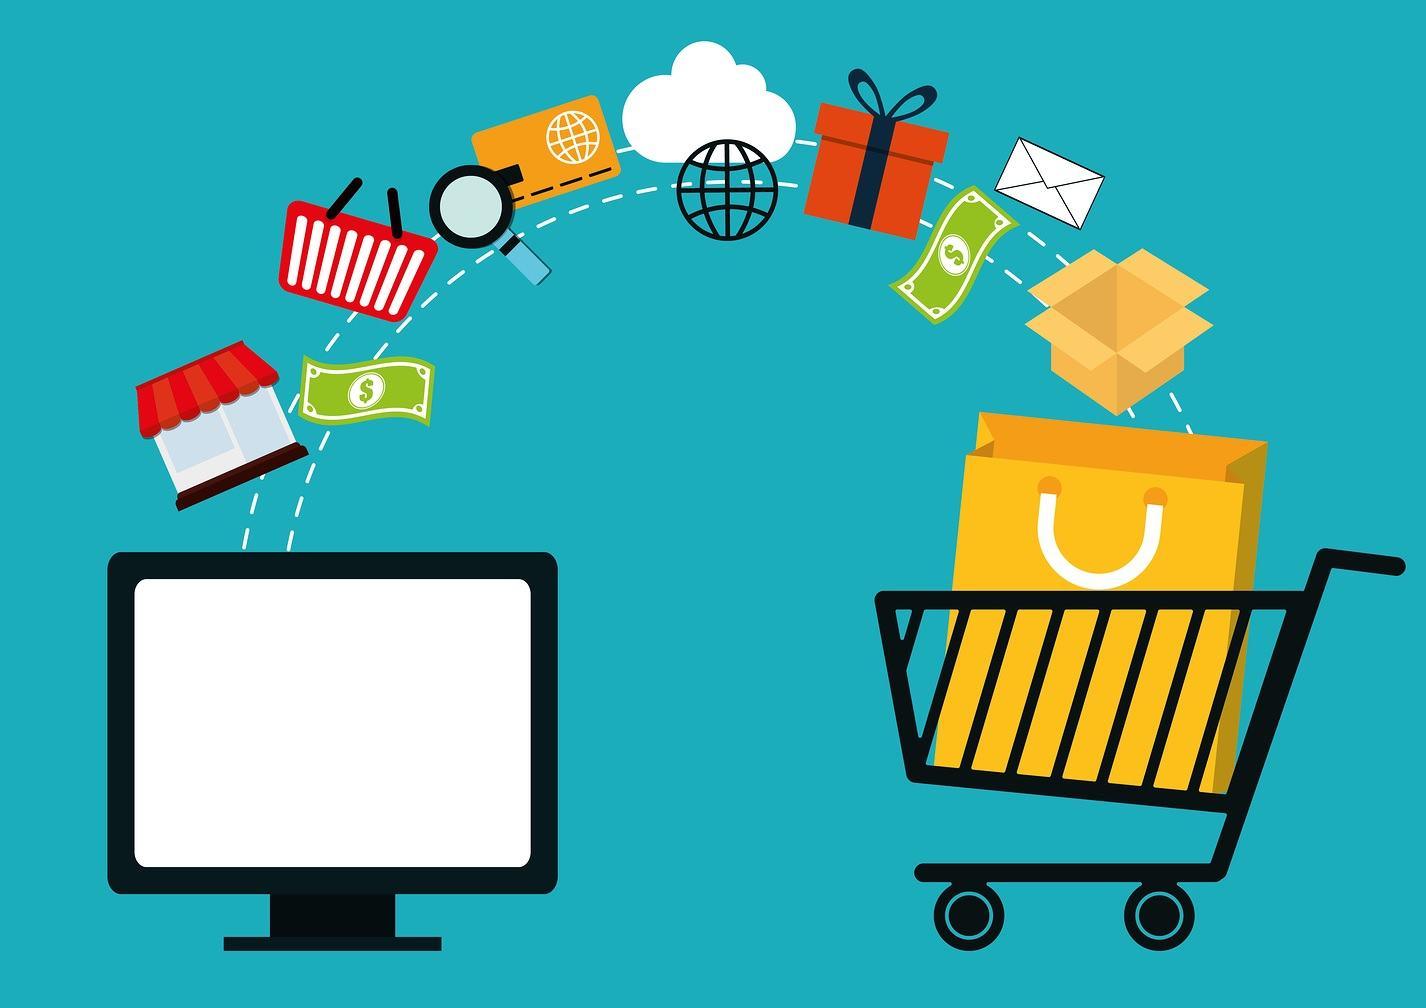 20 cách kiếm tiền cực hay không cần tốn tiền thuê mặt bằng - image kinh-doanh-online on https://atpsoftware.com.vn